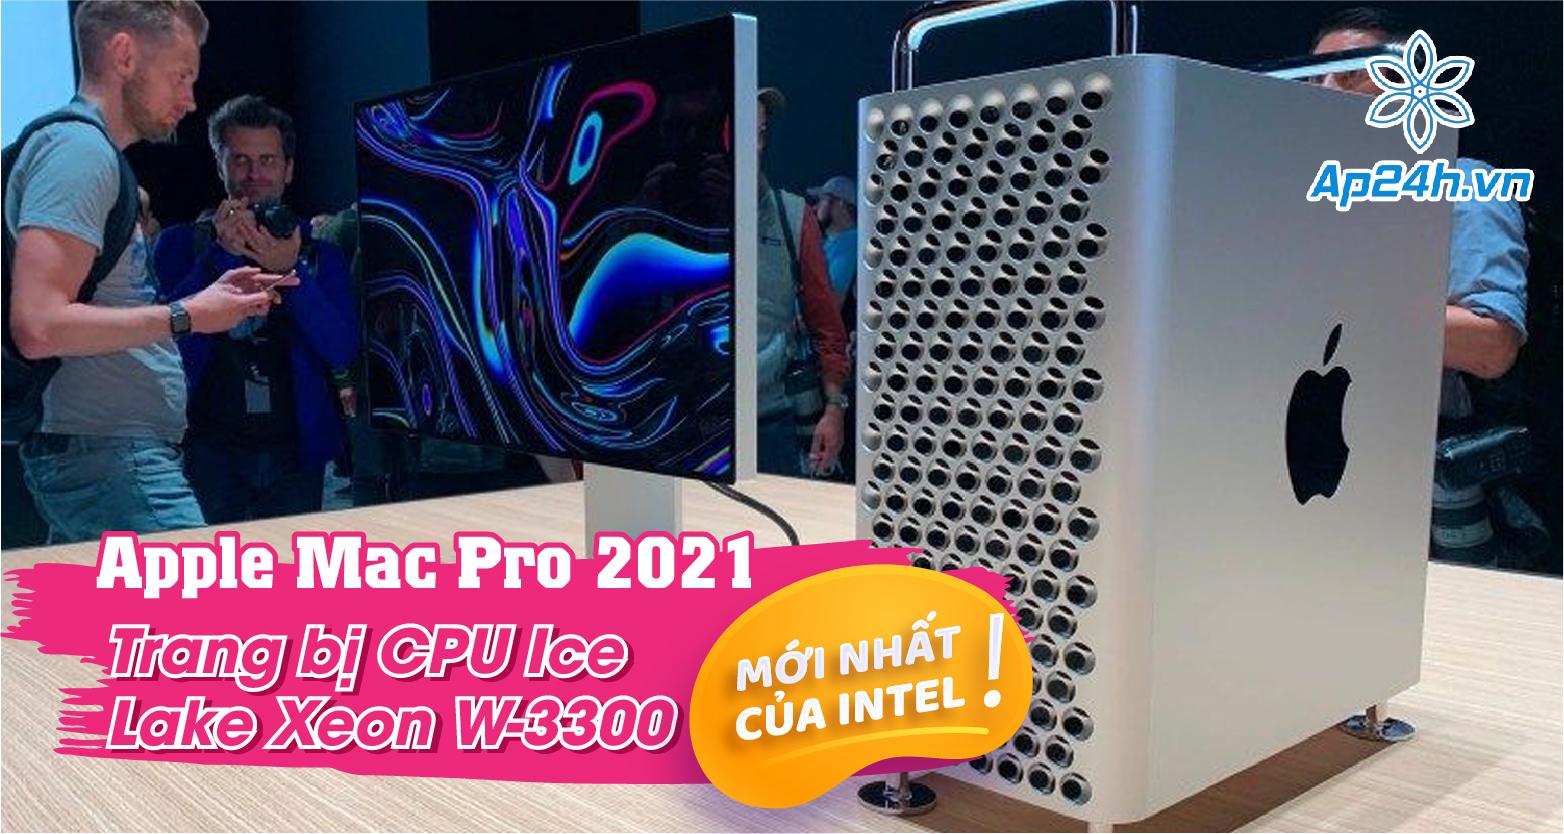 Apple Mac Pro 2021 sử dụng chip CPU mới nhất của Intel